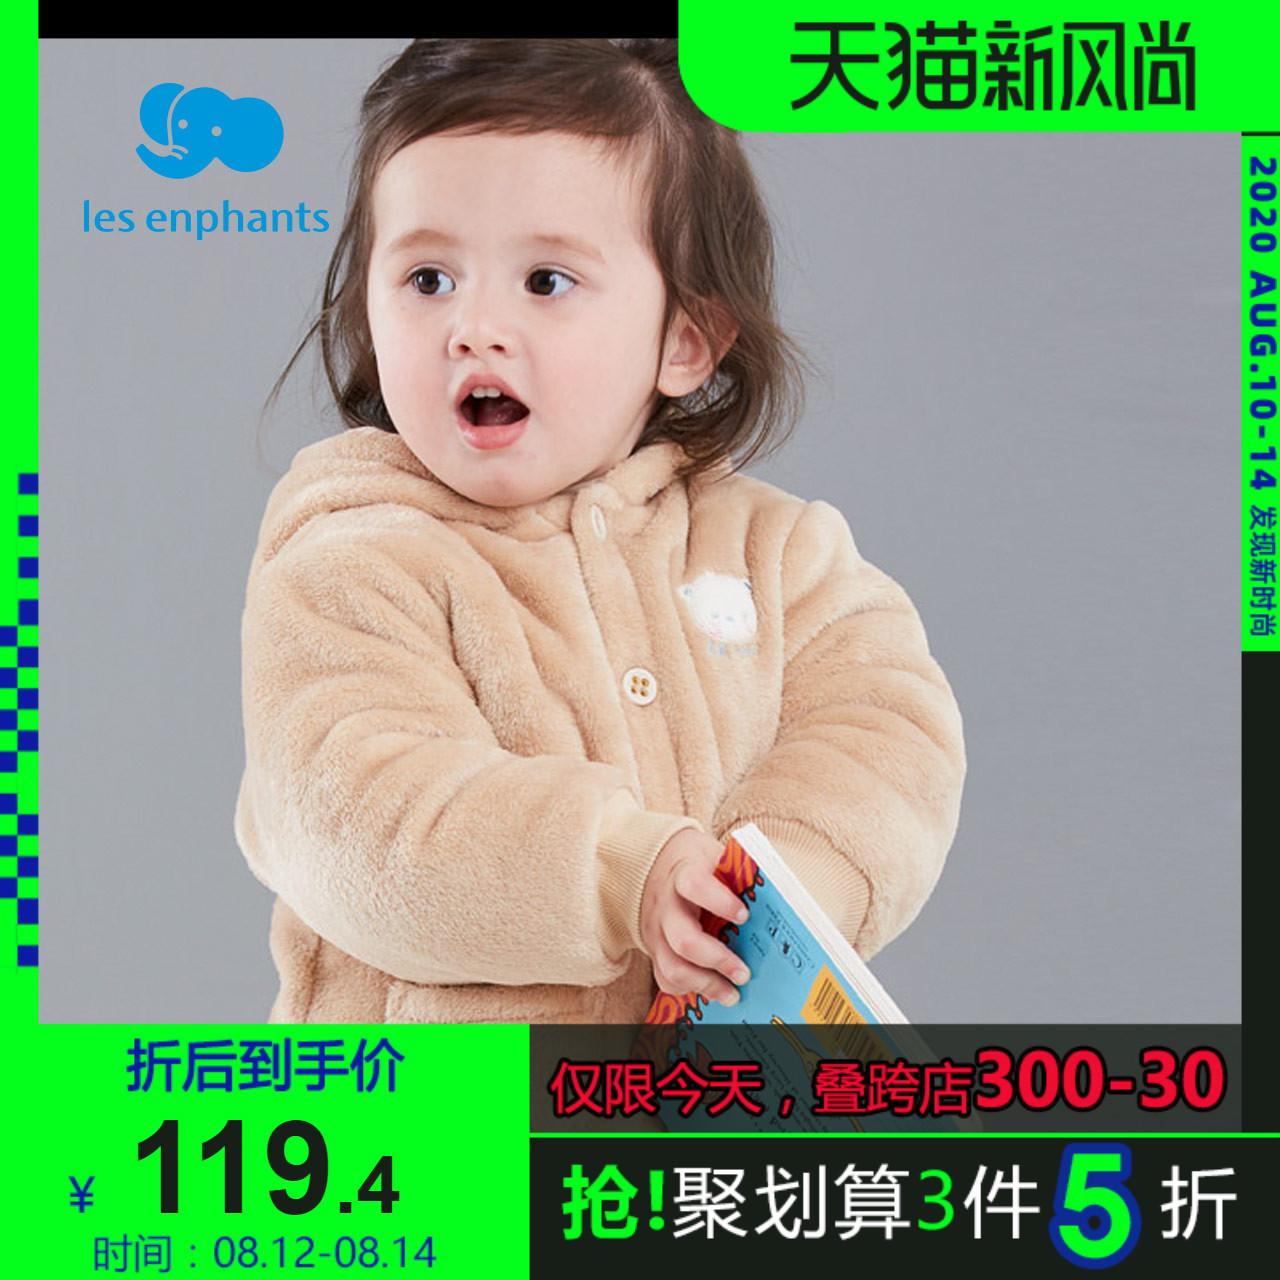 丽婴房童装冬装外套儿童绒a童装连帽男女珊瑚宝宝可爱绣图厚款上衣